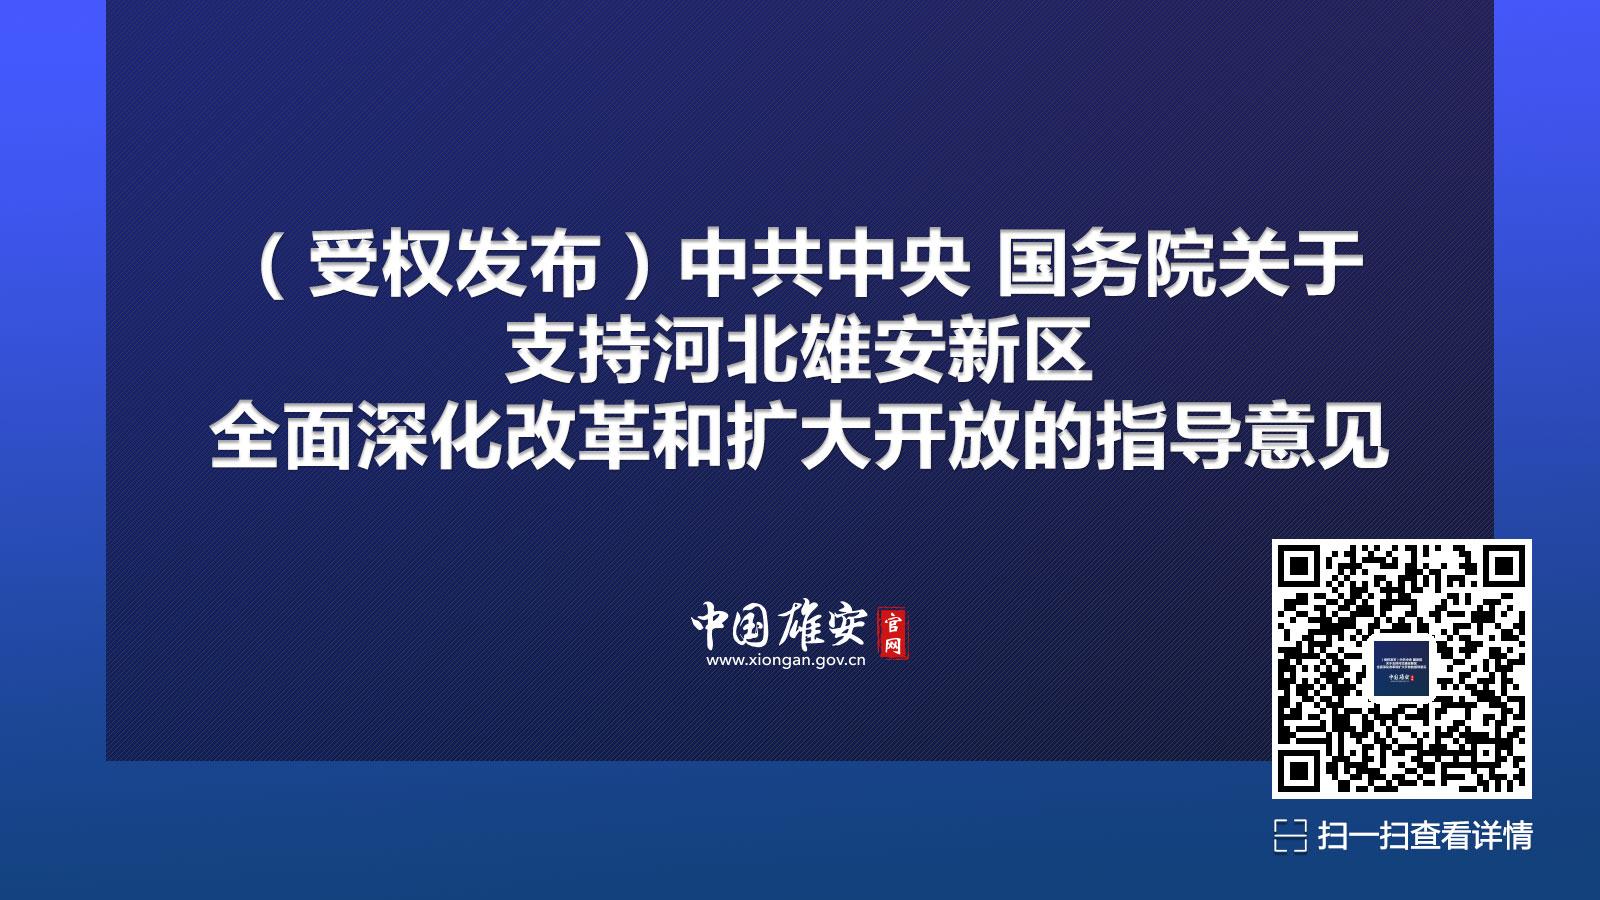 H5丨中共中央 国务院关于支持河北雄安新区全面深化改革和扩大开放的指导意见